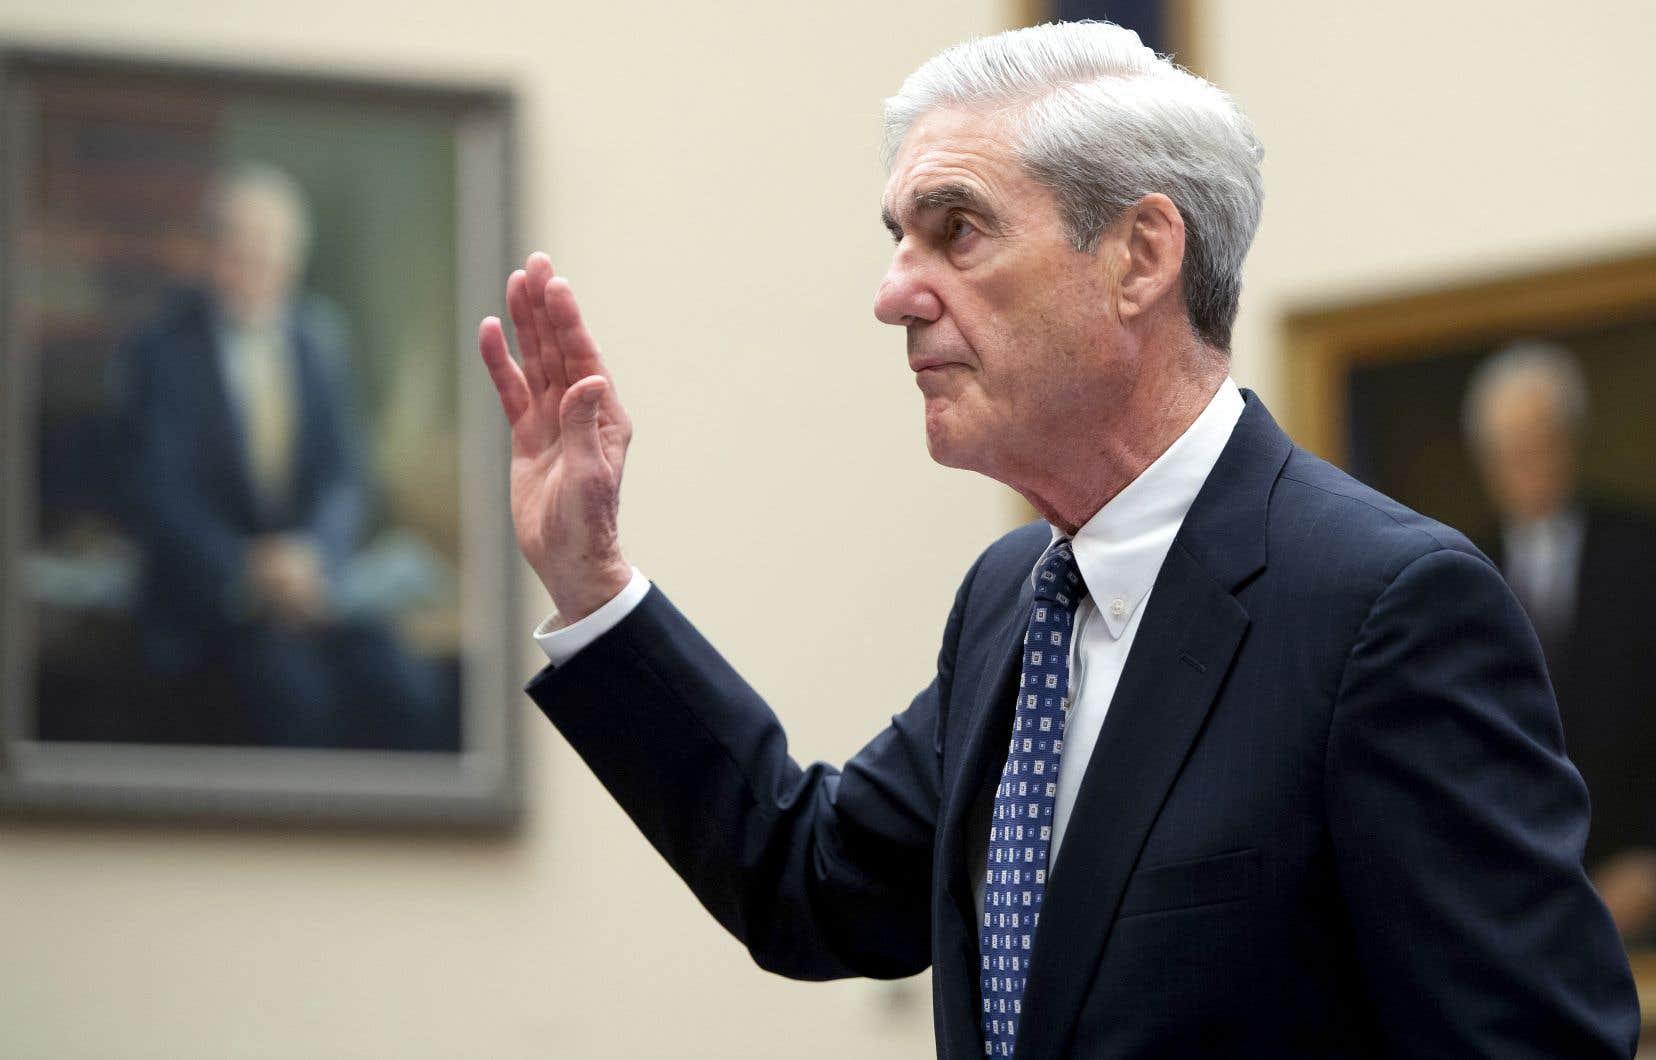 L'ingérence russe dans la dernière campagne n'était «pas un canular» a affirmé l'ex-directeur du FBI, Robert Mueller, devant le Congrès.